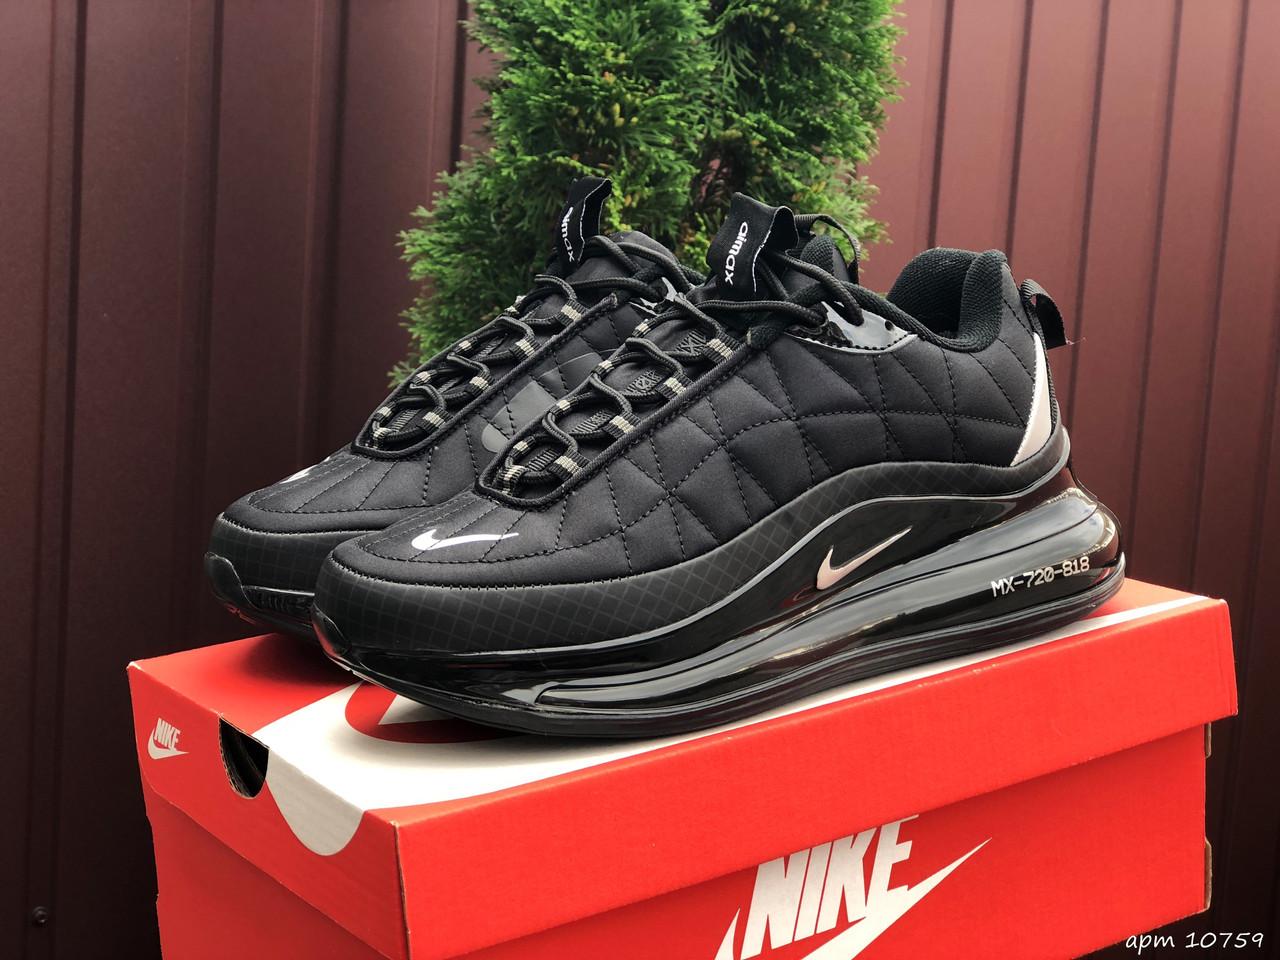 Чоловічі зимові кросівки Nike Air Max 720 (чорні з білим) теплі демісезонні кроси В10759